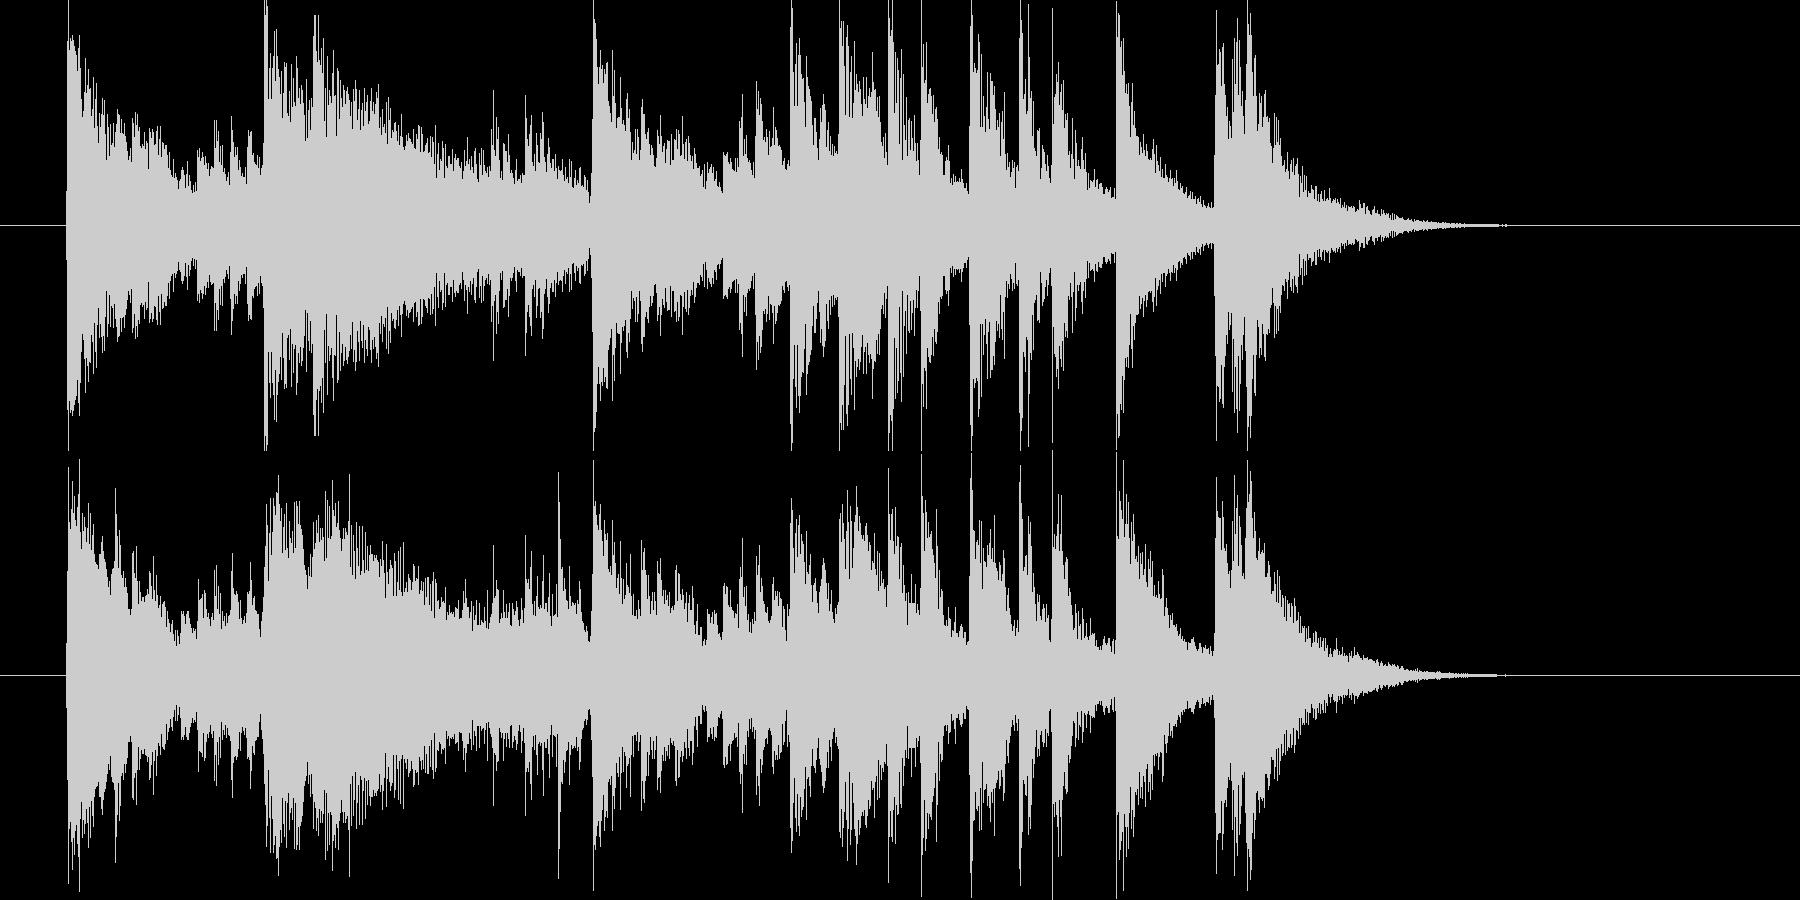 メロディアスで軽快なピアノジングルの未再生の波形